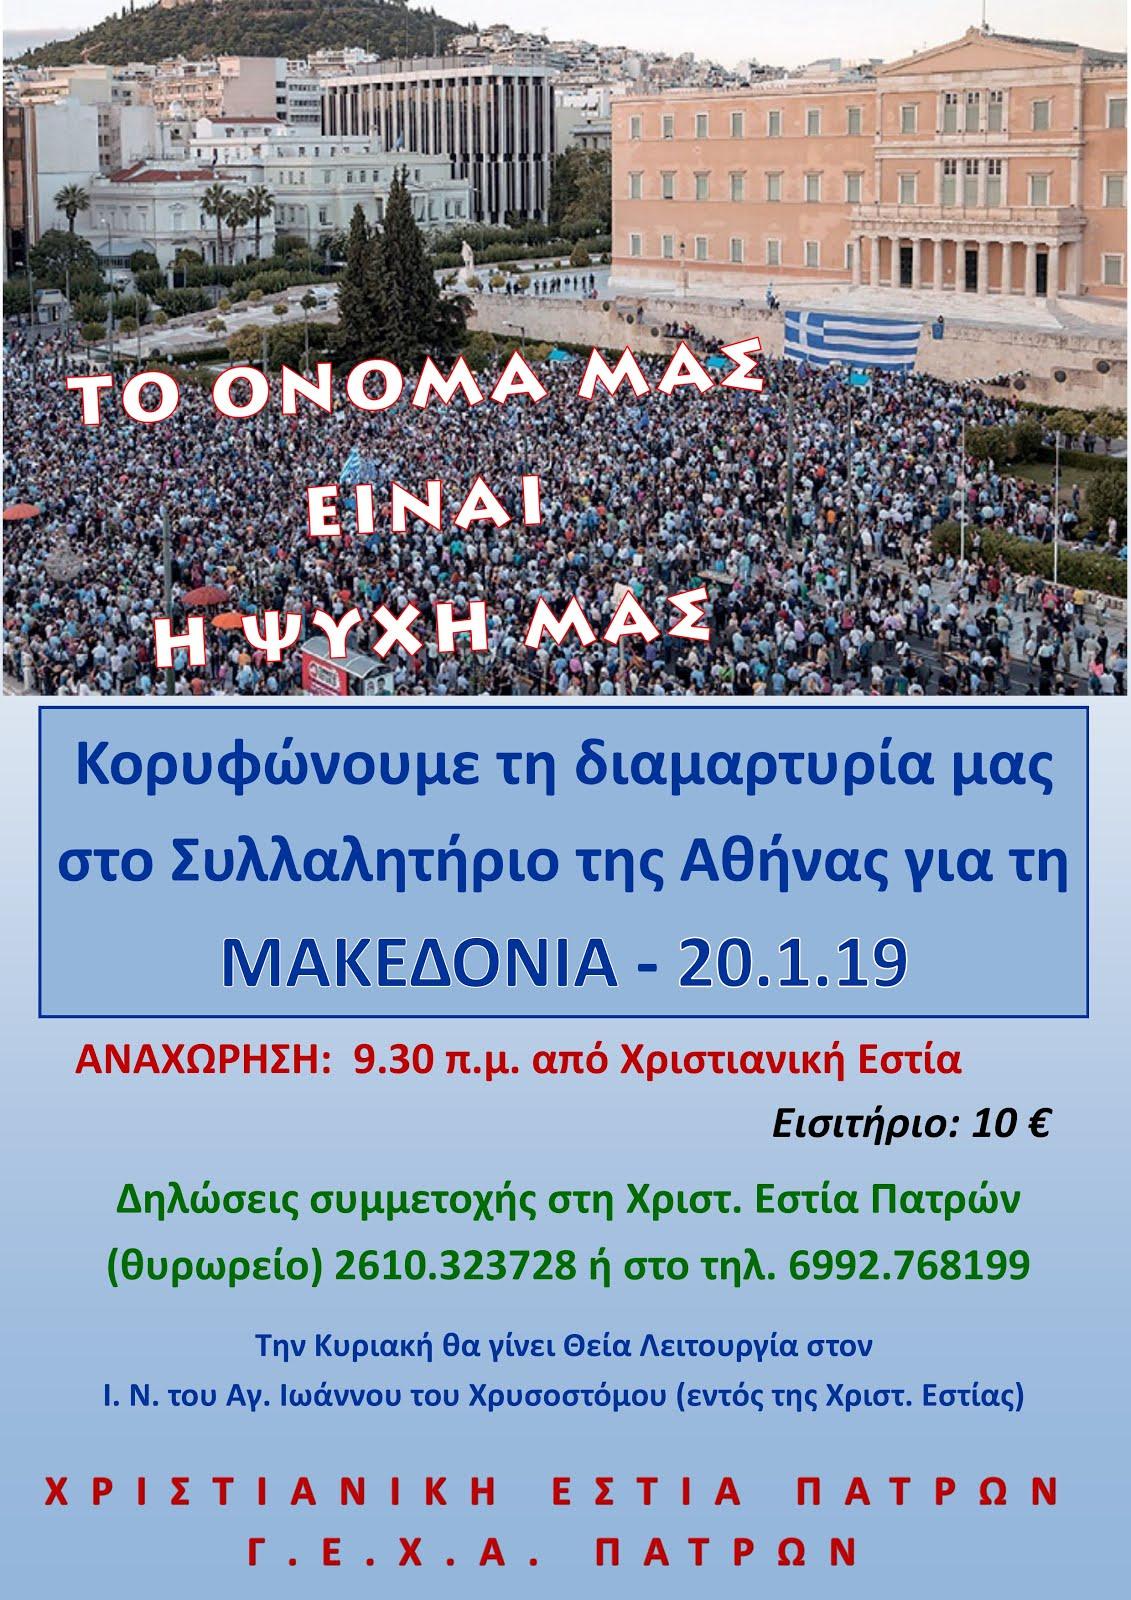 Συμμετοχή στο Συλλαλητήριο της Αθήνας 20.1.19